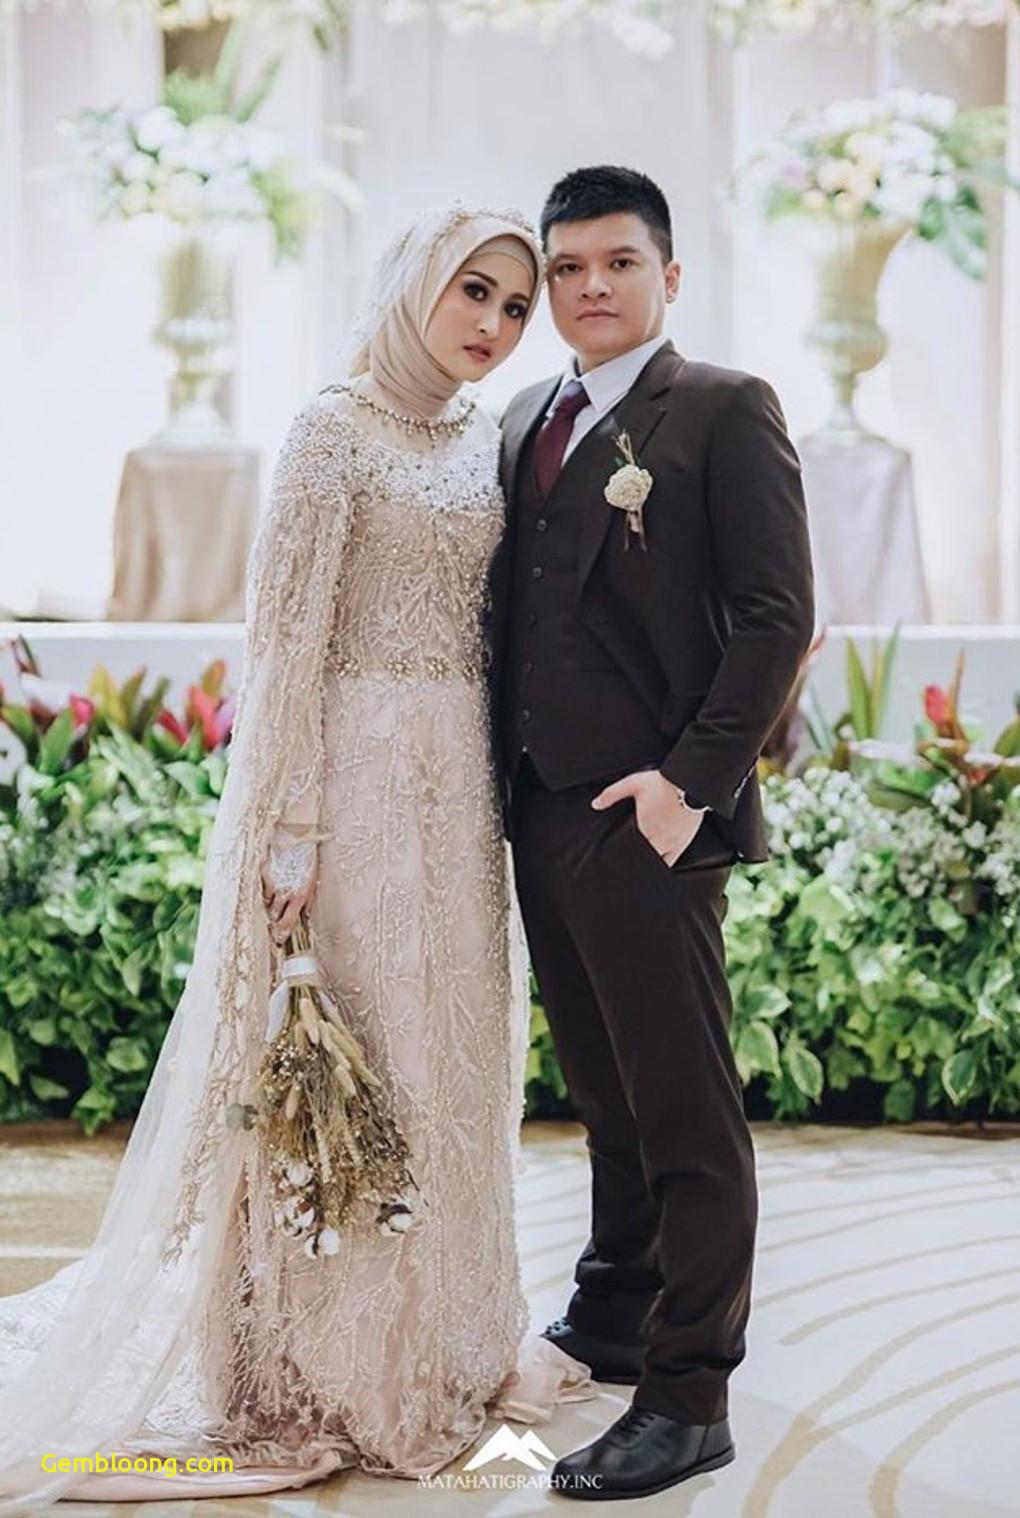 Gaun Sederhana Pengantin Berhijab Unique 20 Inspirasi Gaun Pernikahan Untuk Calon Pengantin Berhijab